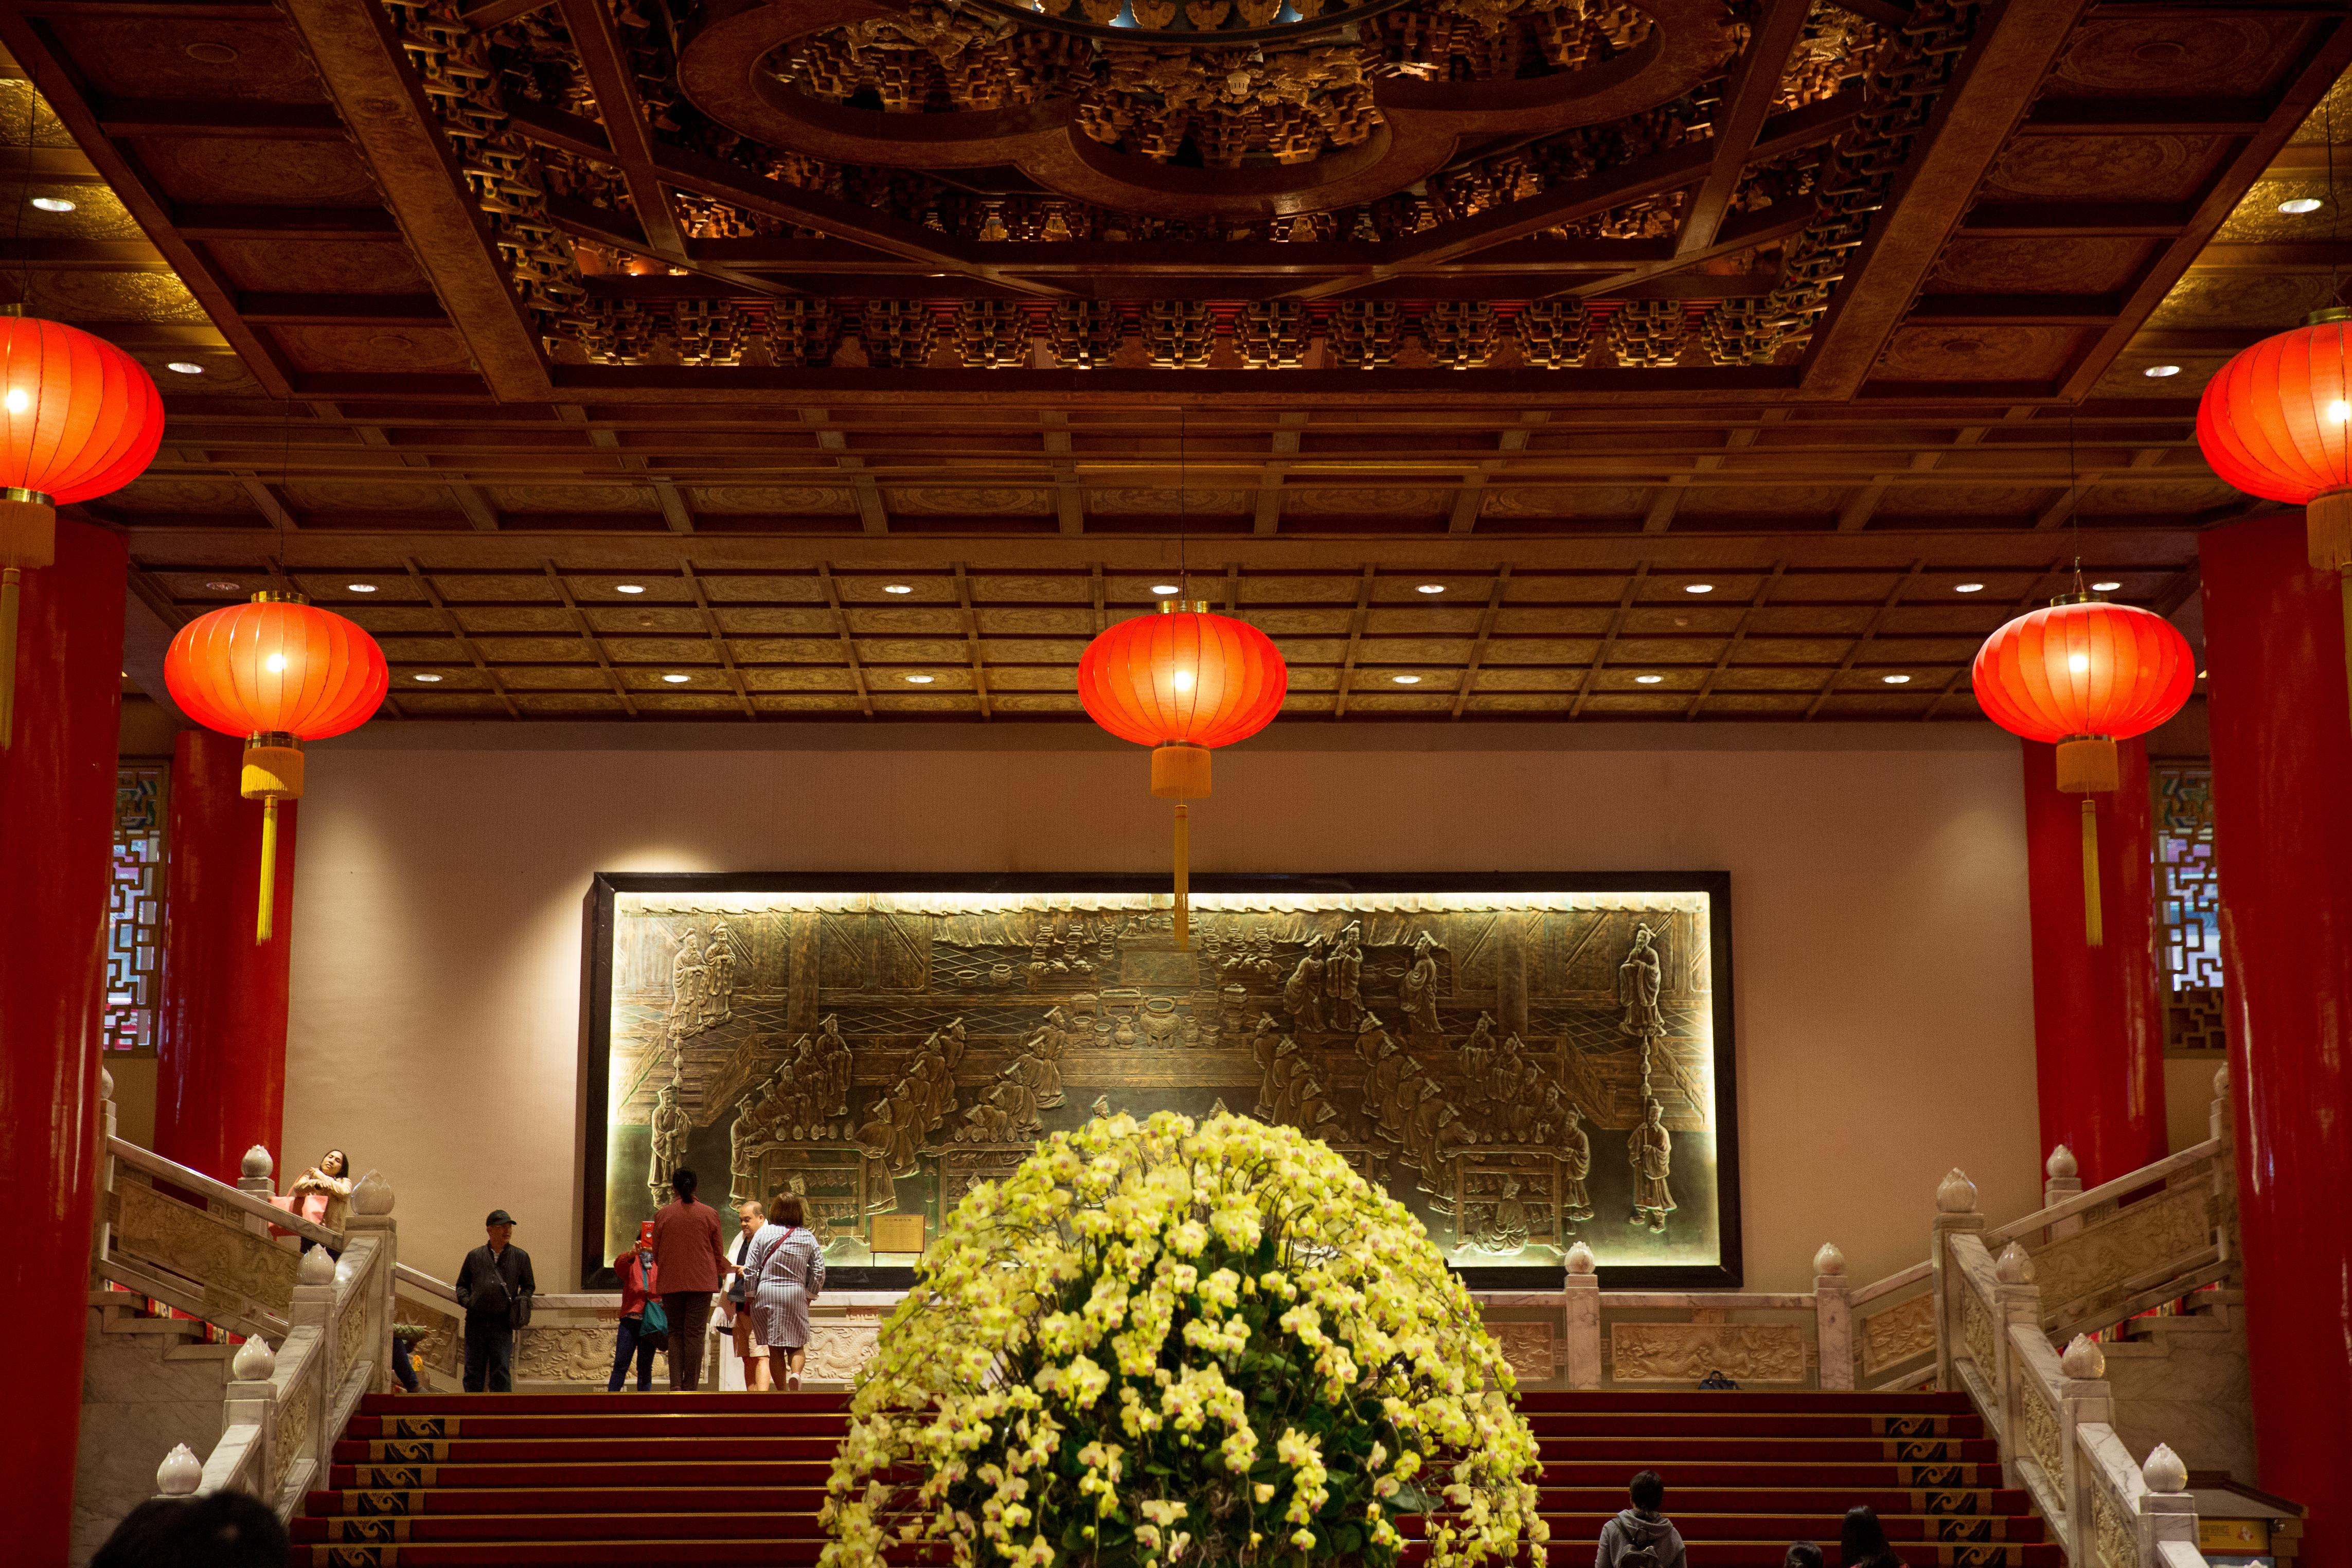 台北 婚宴場地 圓山大飯店   結婚晚宴 婚禮攝影 婚禮籌備